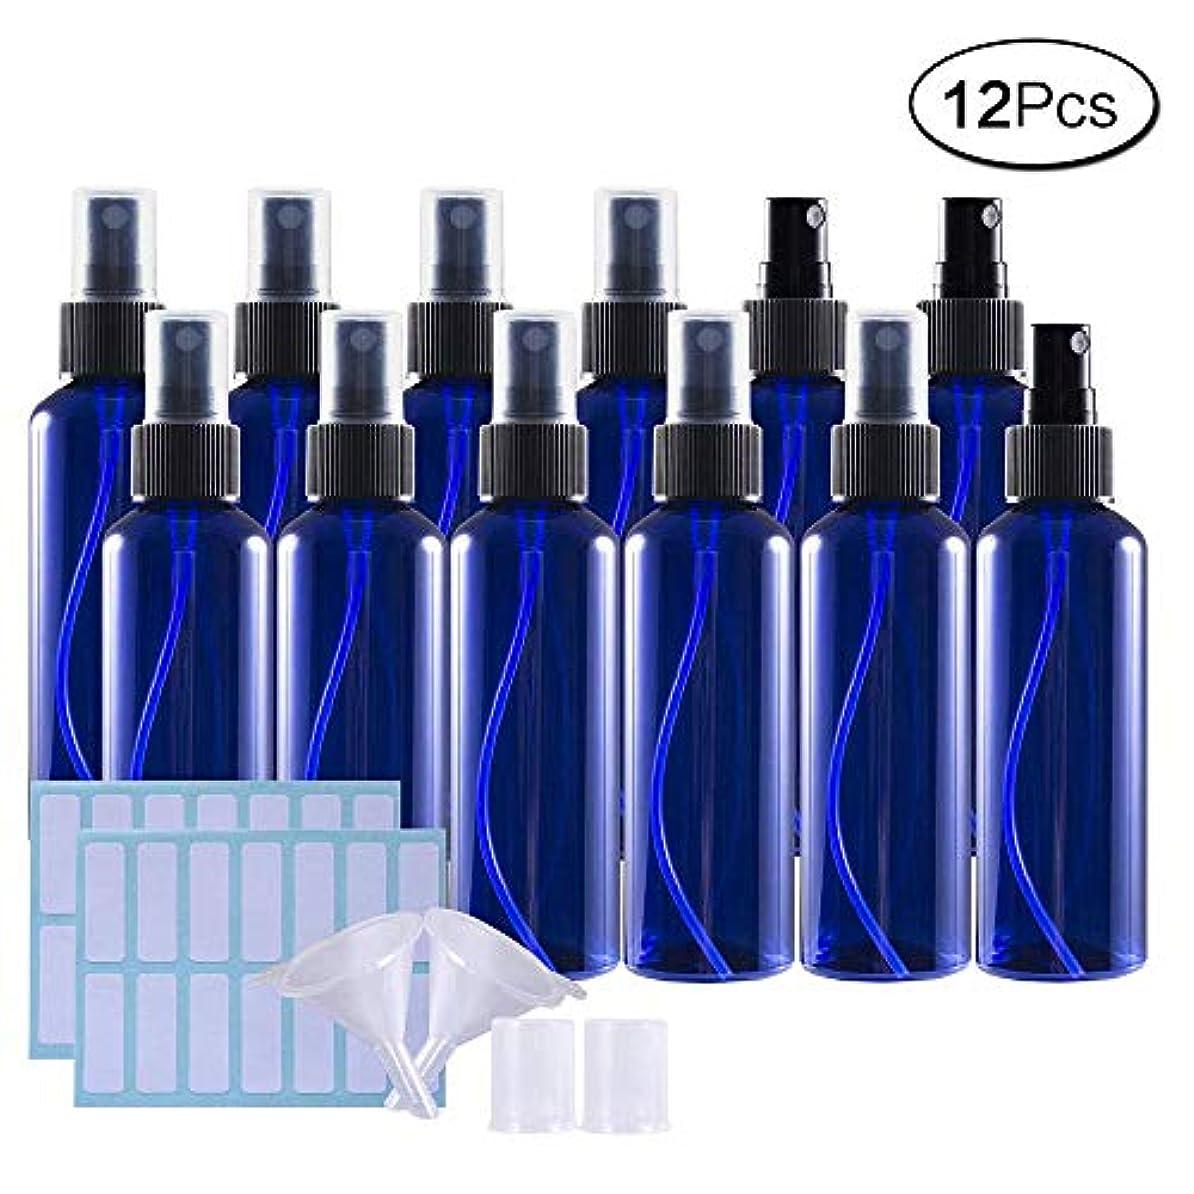 引く毒液安定しました100mlスプレーボトル 12個セット遮光瓶 小分けボトル プラスチック容器 液体用空ボトル 化粧品 収納瓶